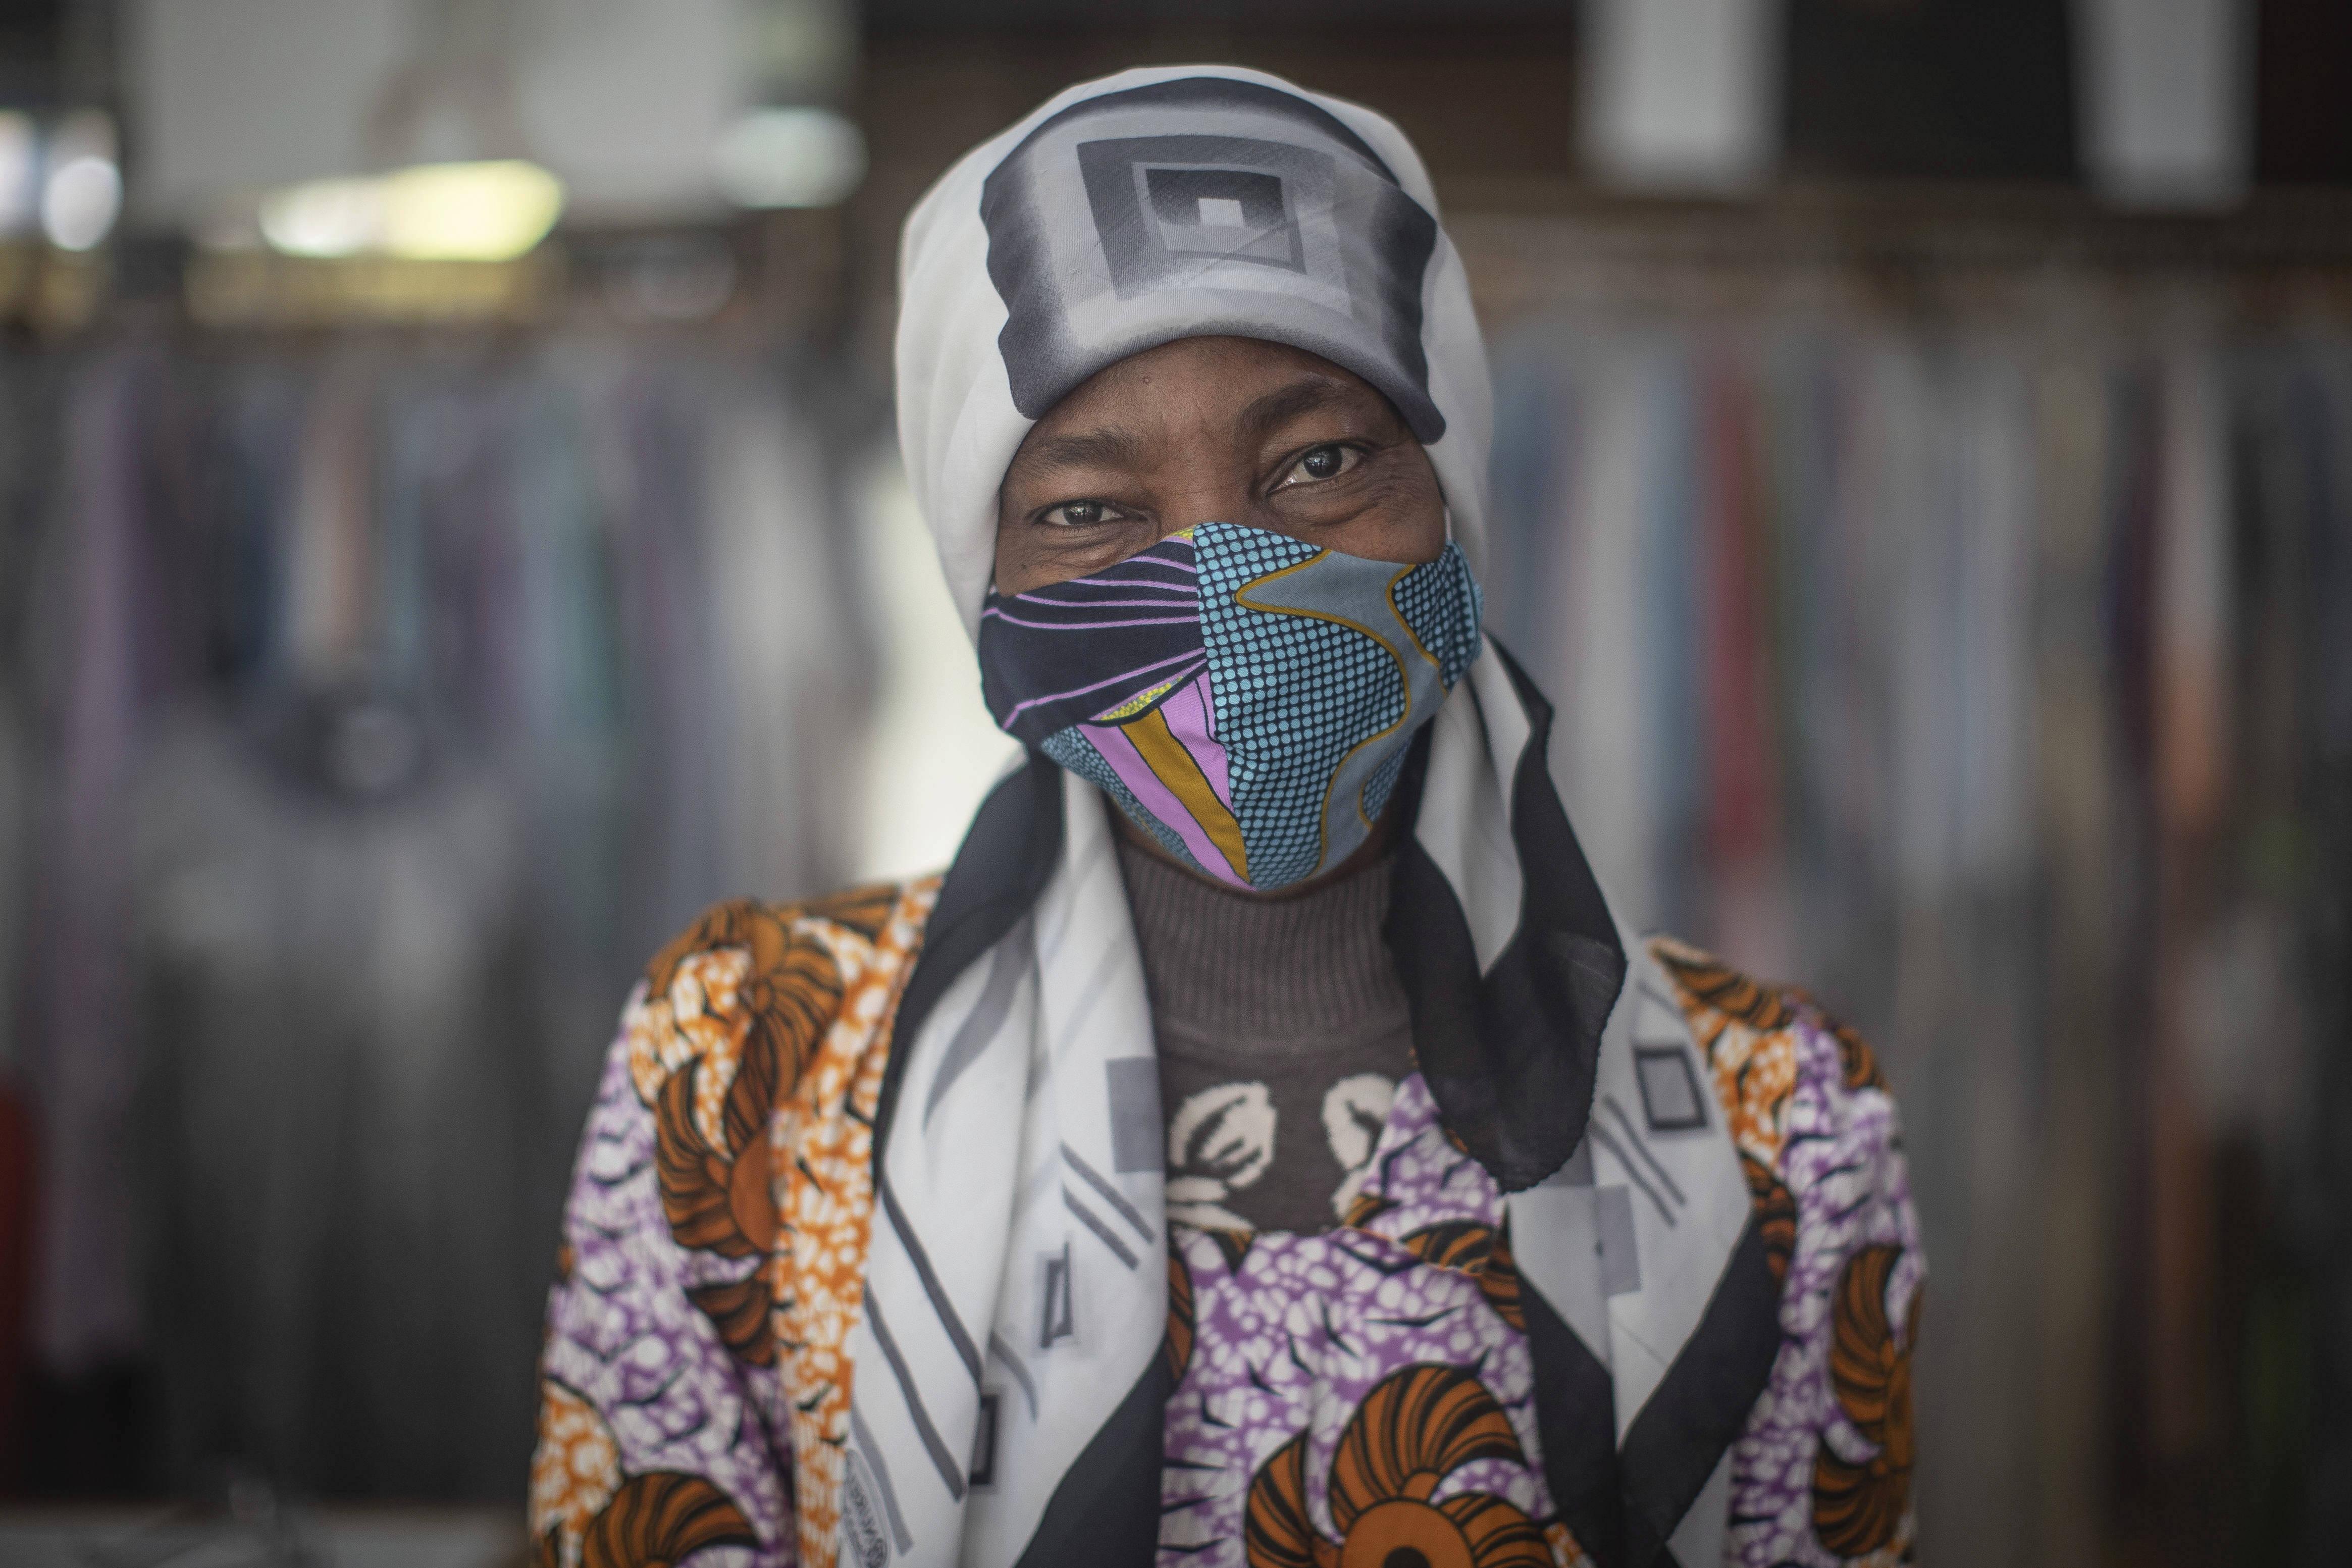 Solange Benga, originaire de RDC, dans l'atelier de couture de l'ONG Migrants du Monde où elle fabrique des masques contre le coronavirus, à Rabat, au Maroc, le 16 avril 2020 (Illustration).